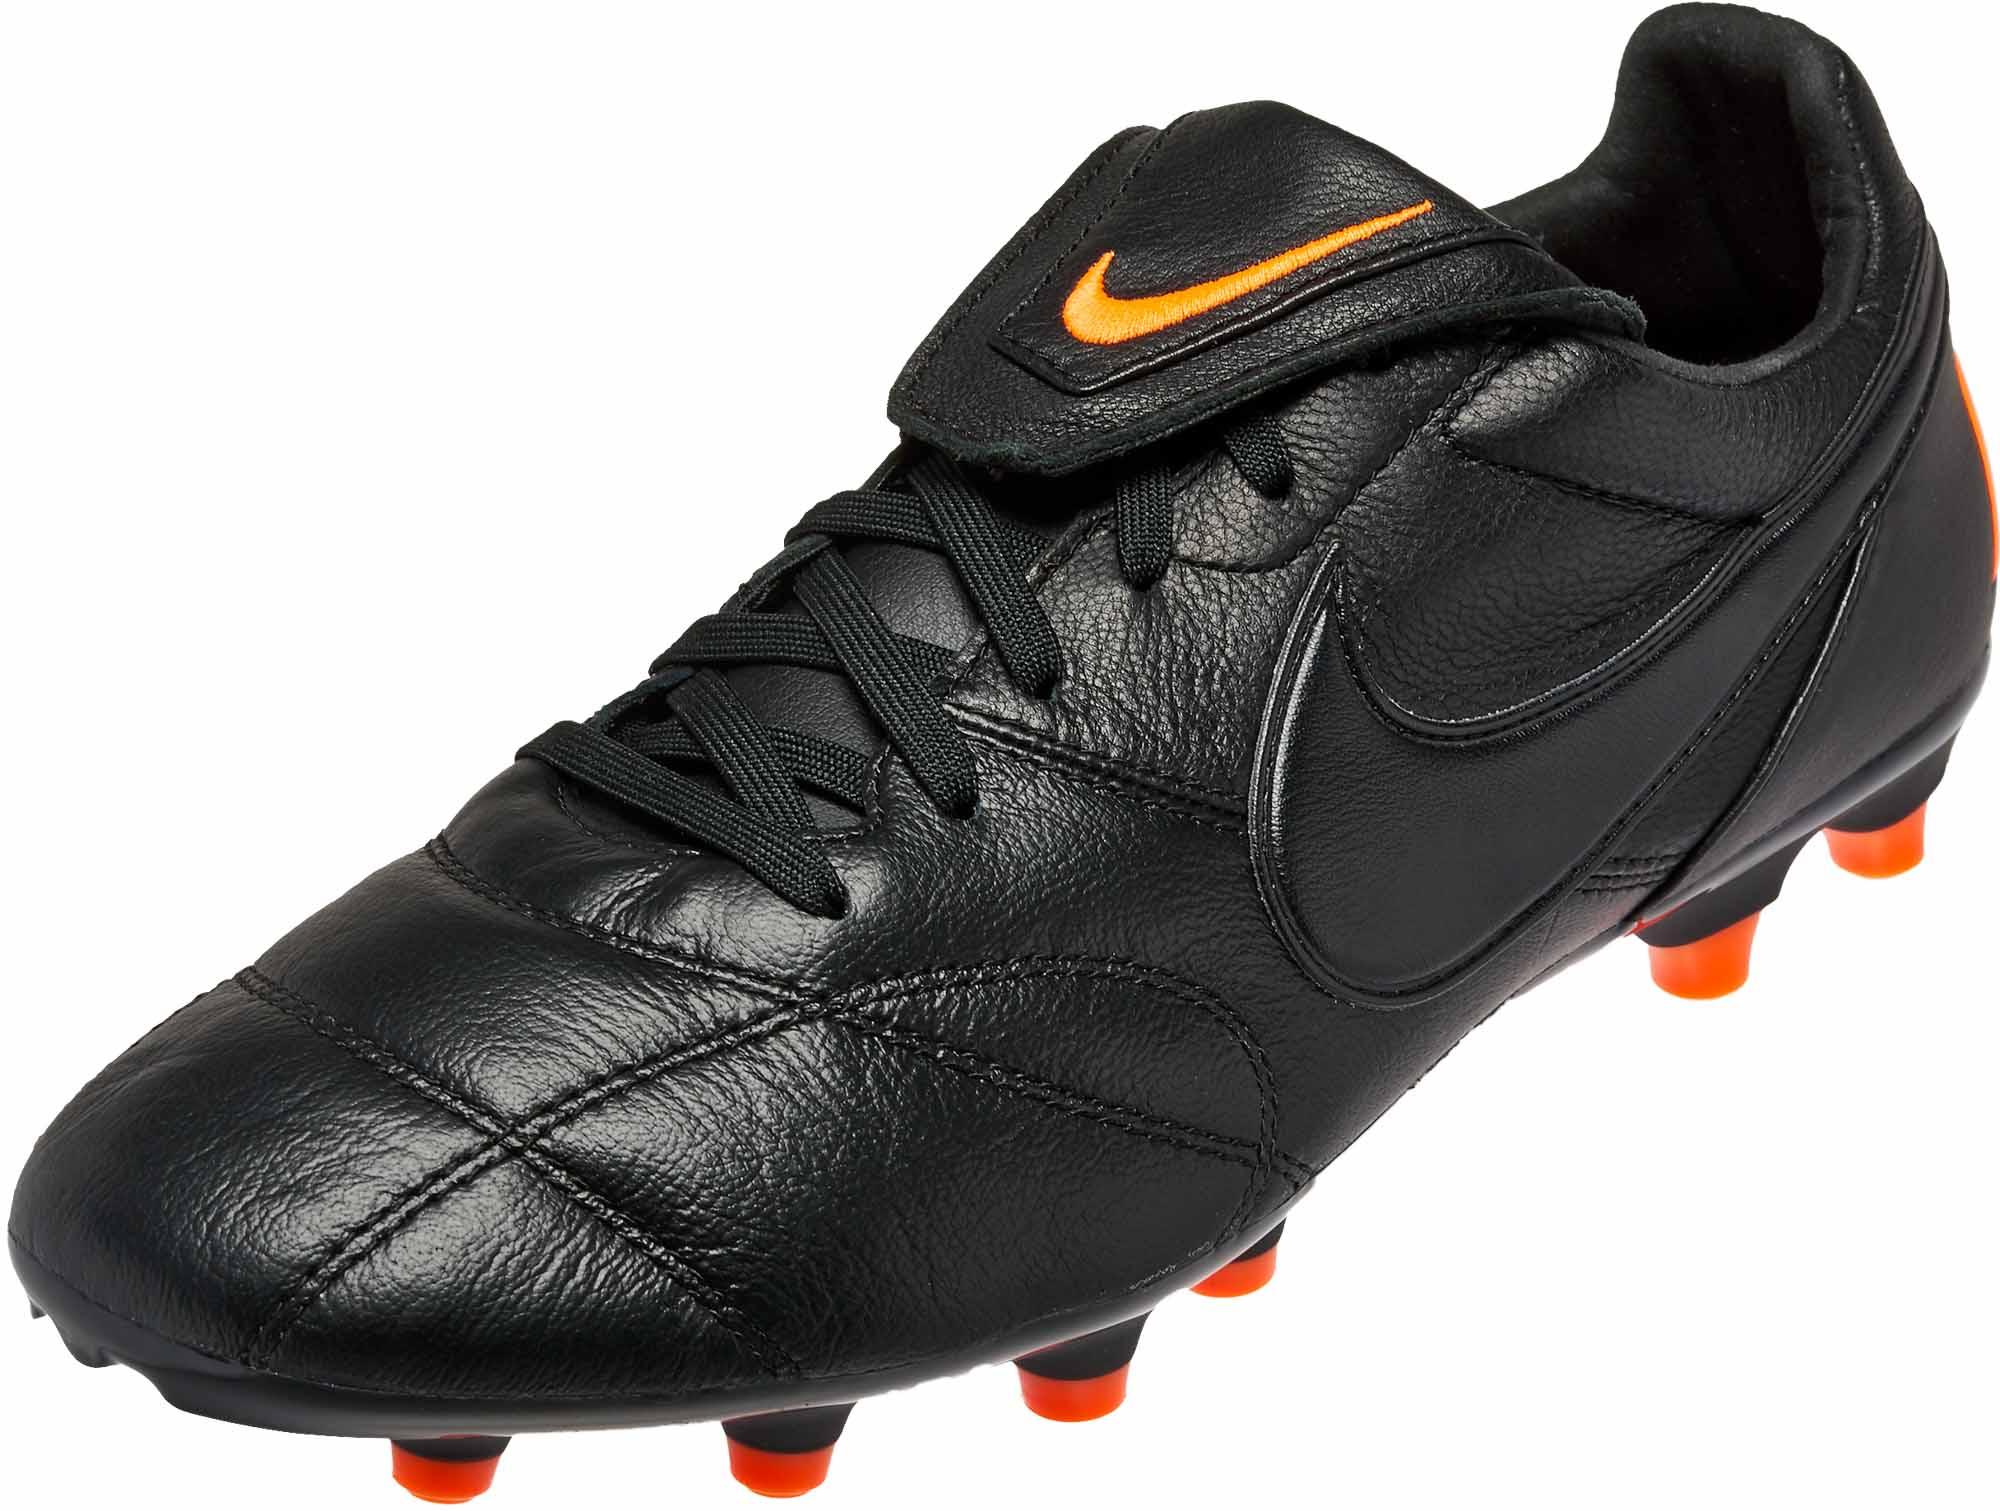 7066cf8fa The Nike Premier II FG - Black & Total Orange - Soccer Master